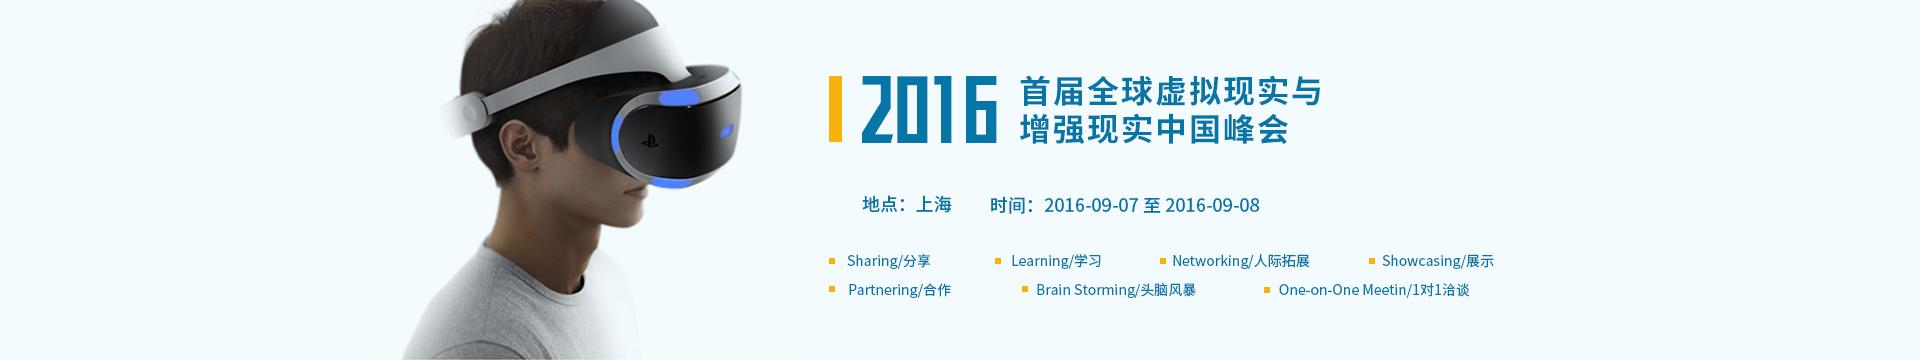 2016首届全球虚拟现实与增强现实中国峰会